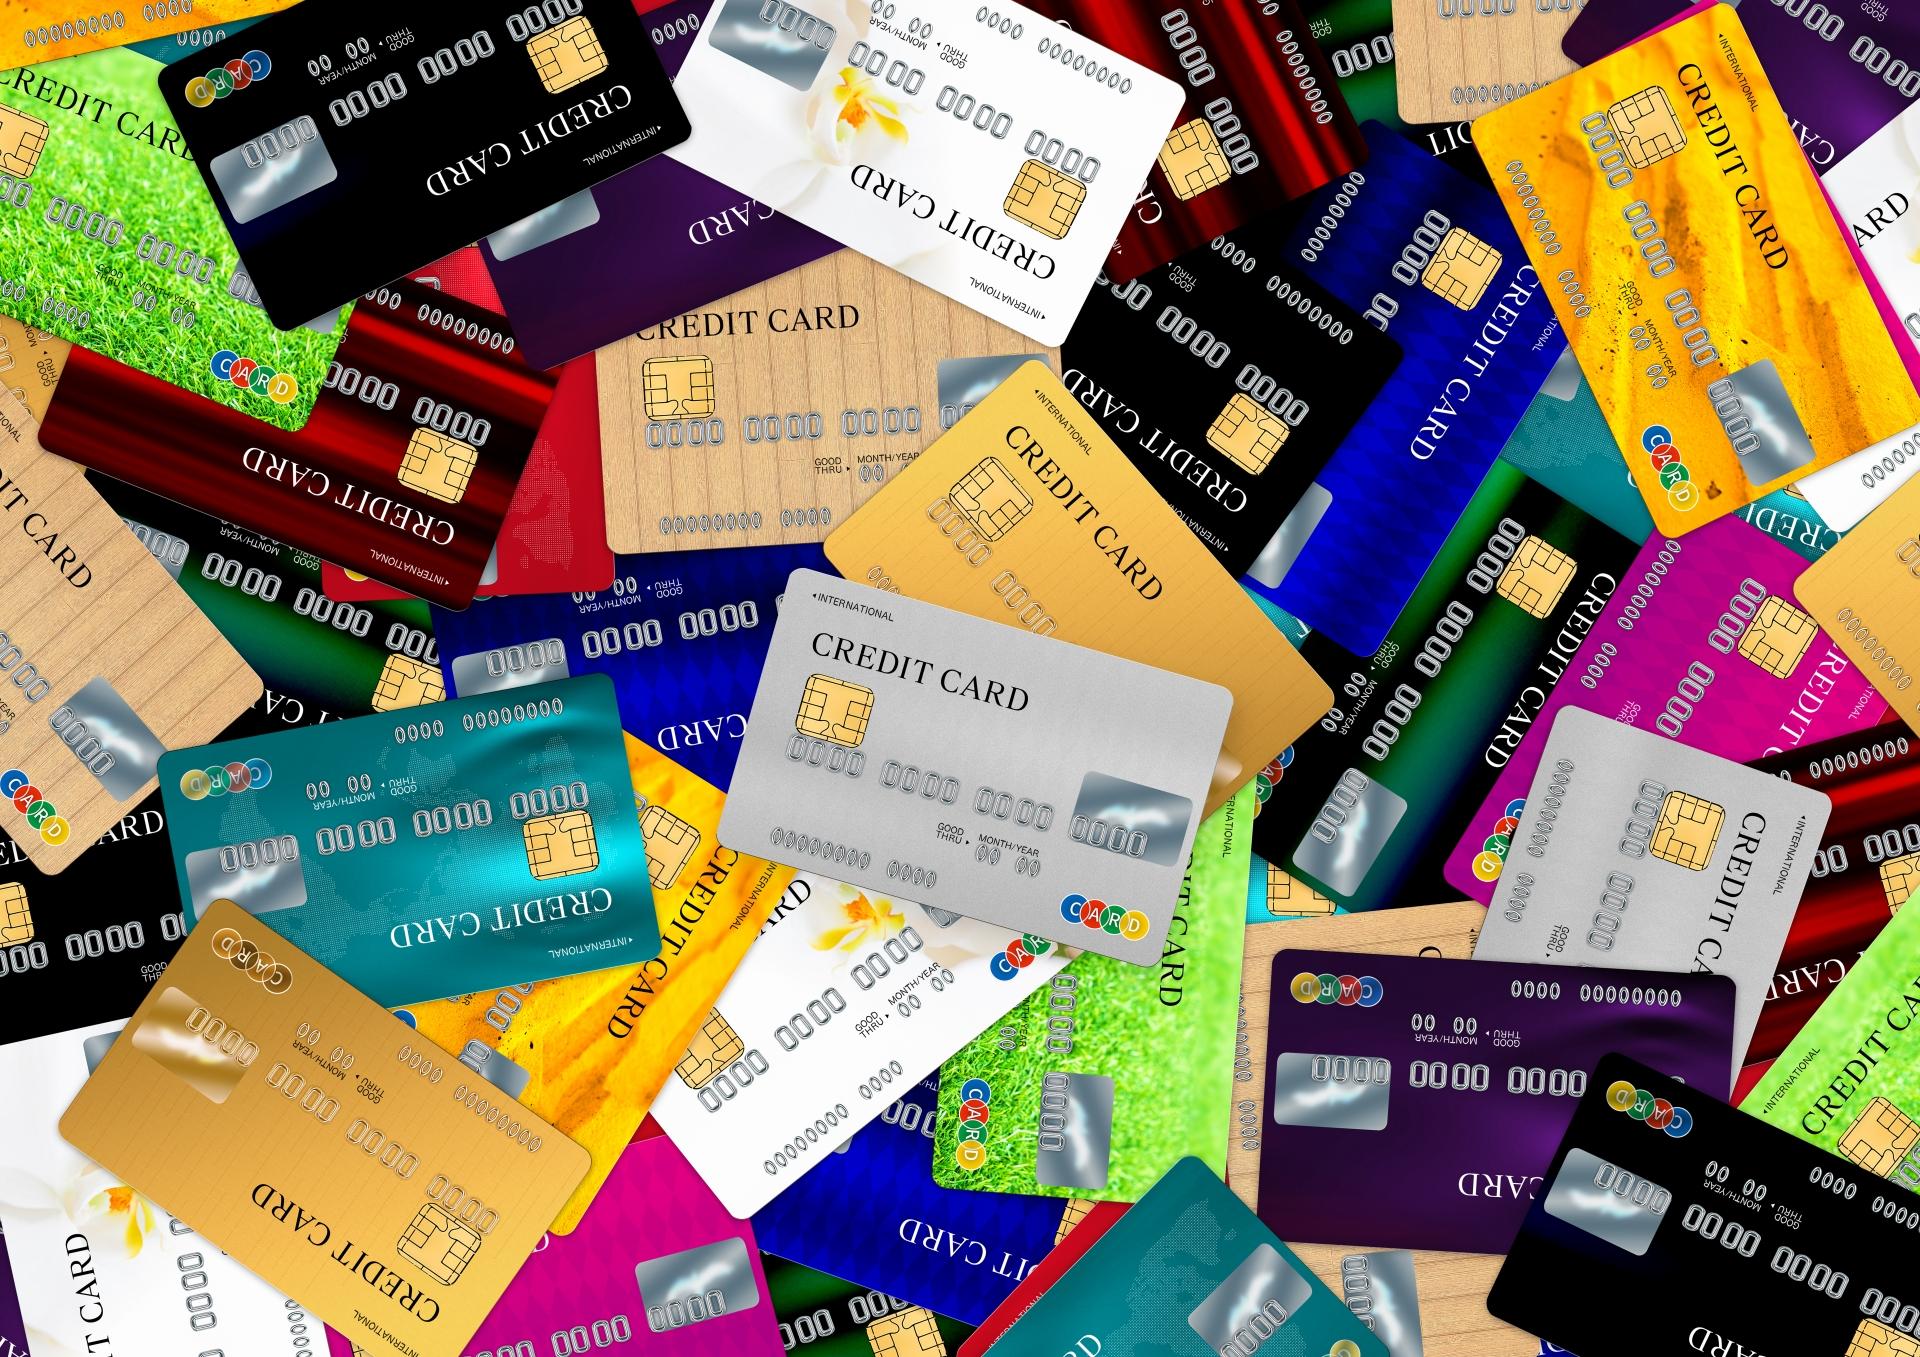 【ジャンル別】人気おすすめクレジットカード比較ランキング